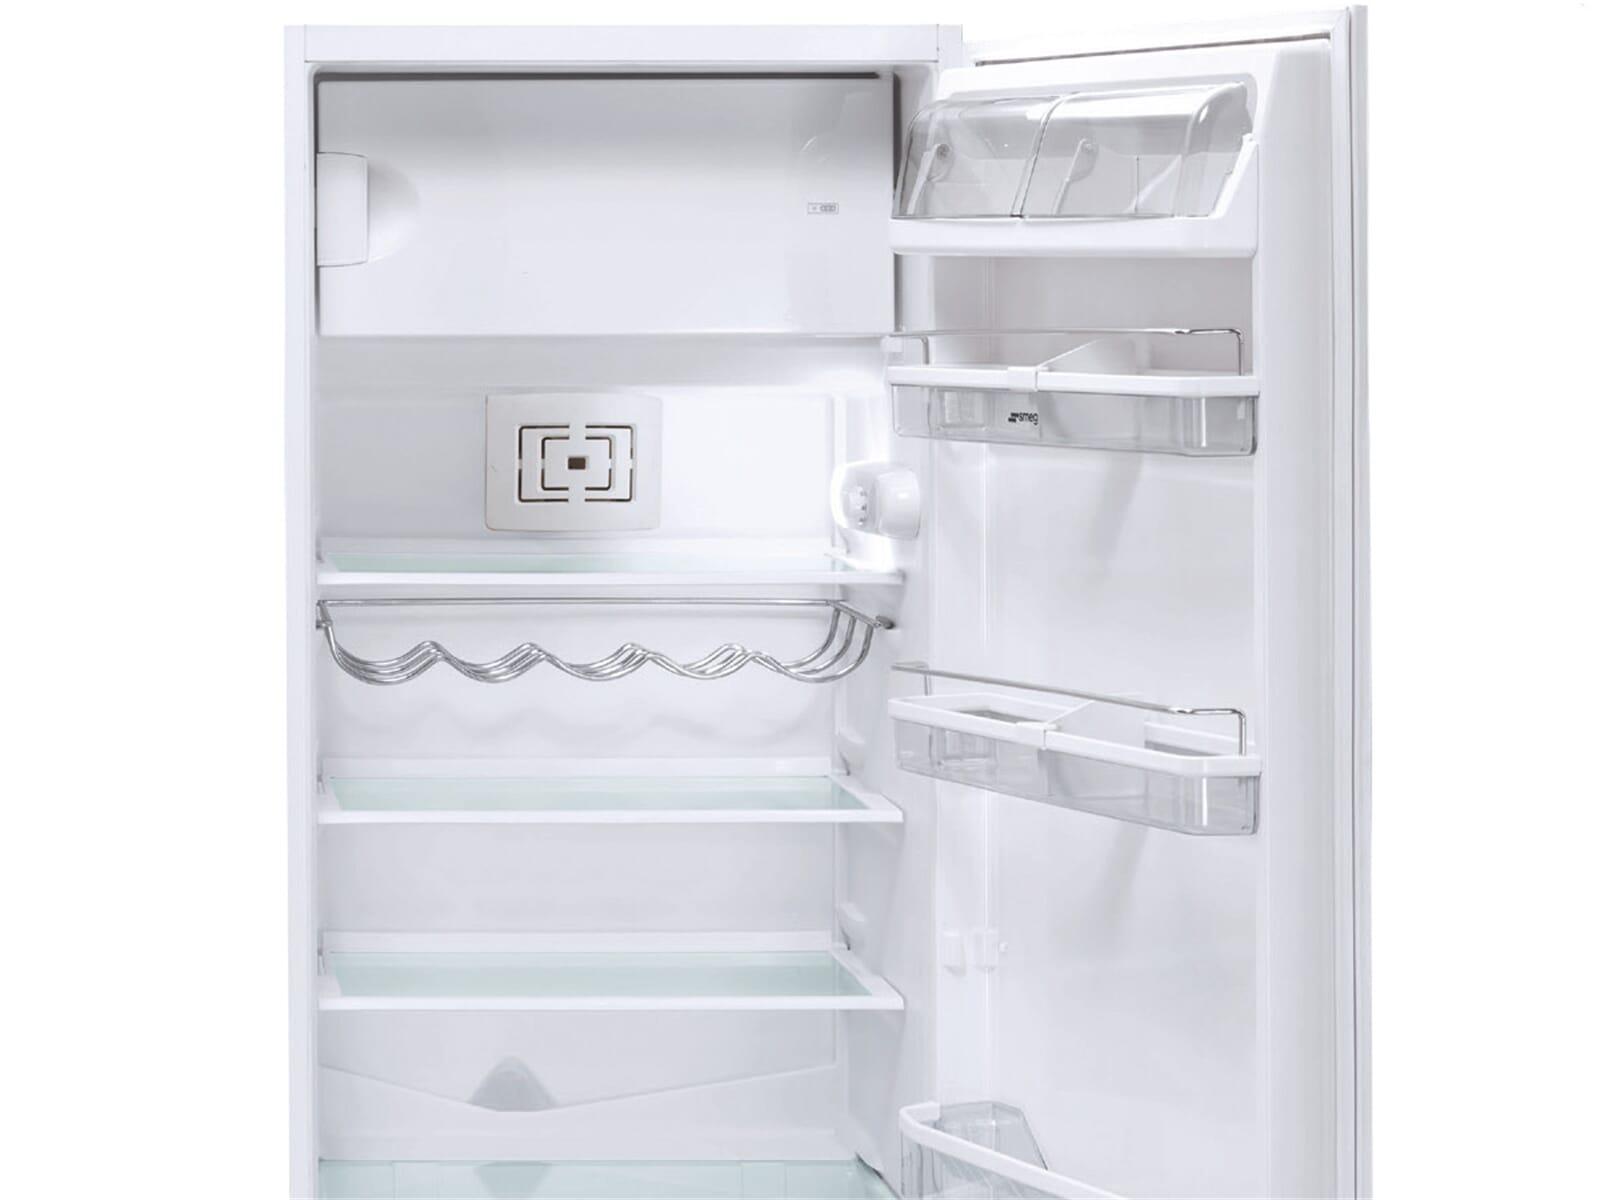 Smeg Kühlschrank Von Innen : Smeg kühlschrank gold grosse khlschrnke ohne gefrierfach fabulous